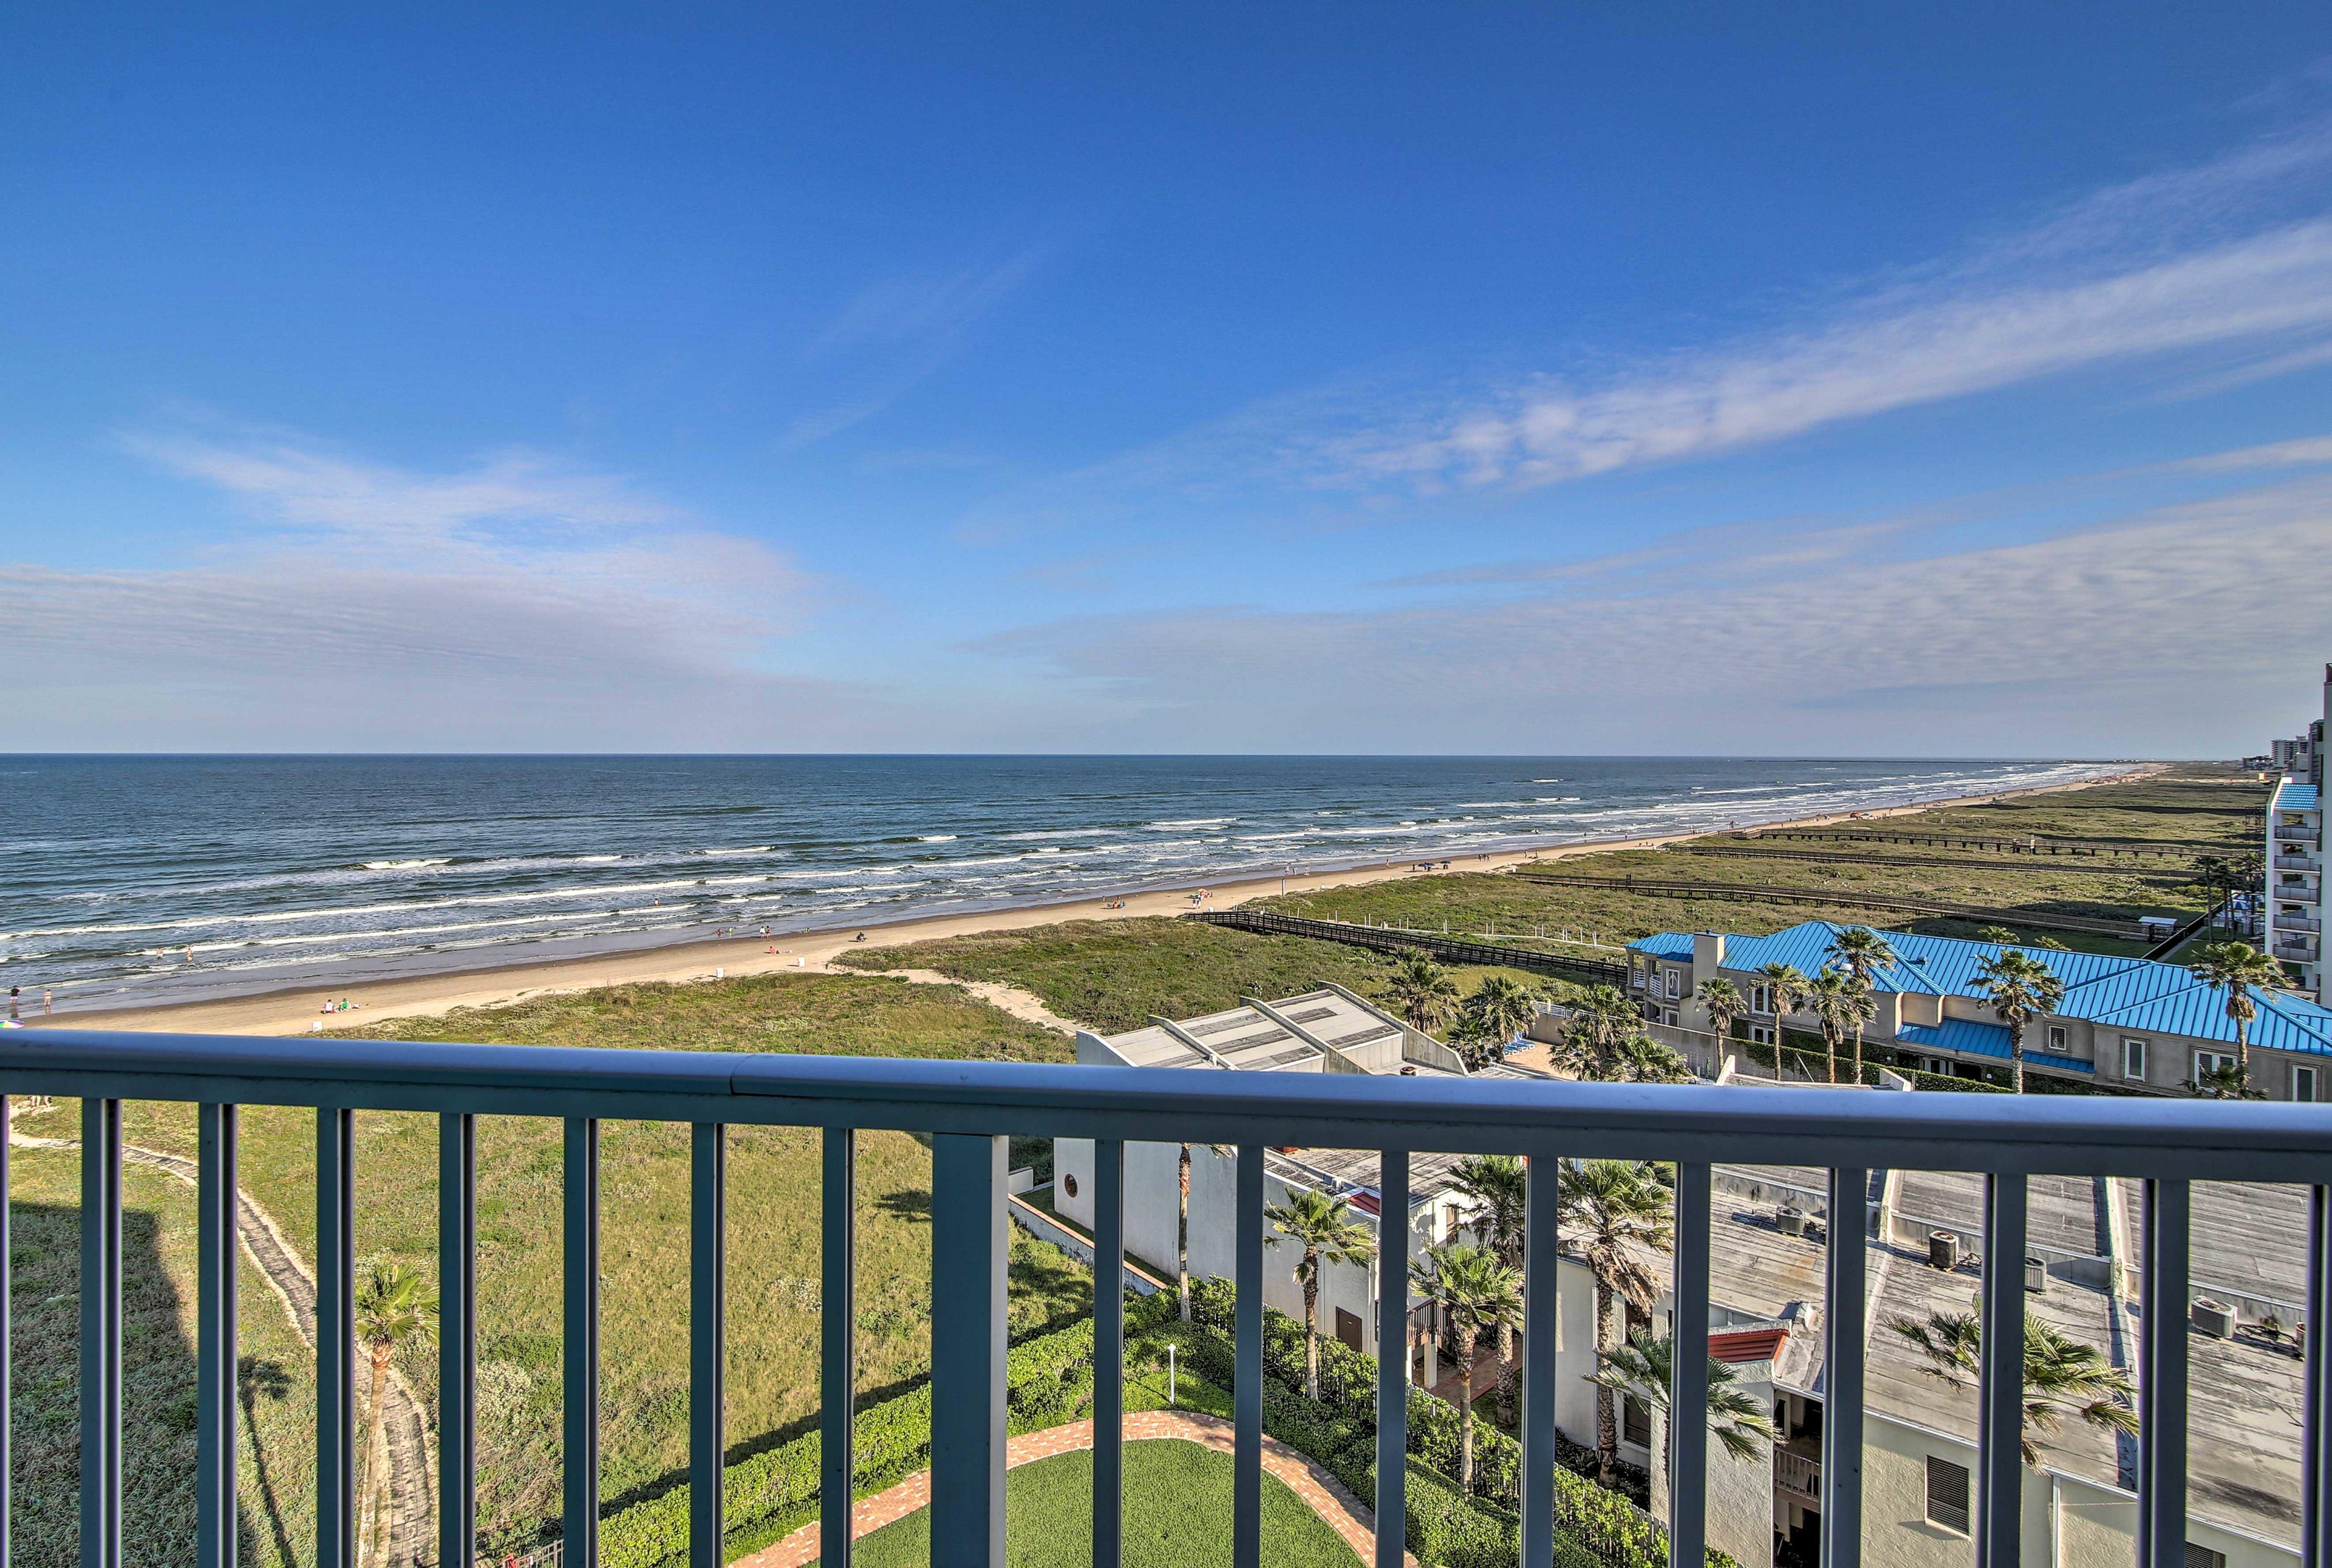 Condo View | Beachfront Location